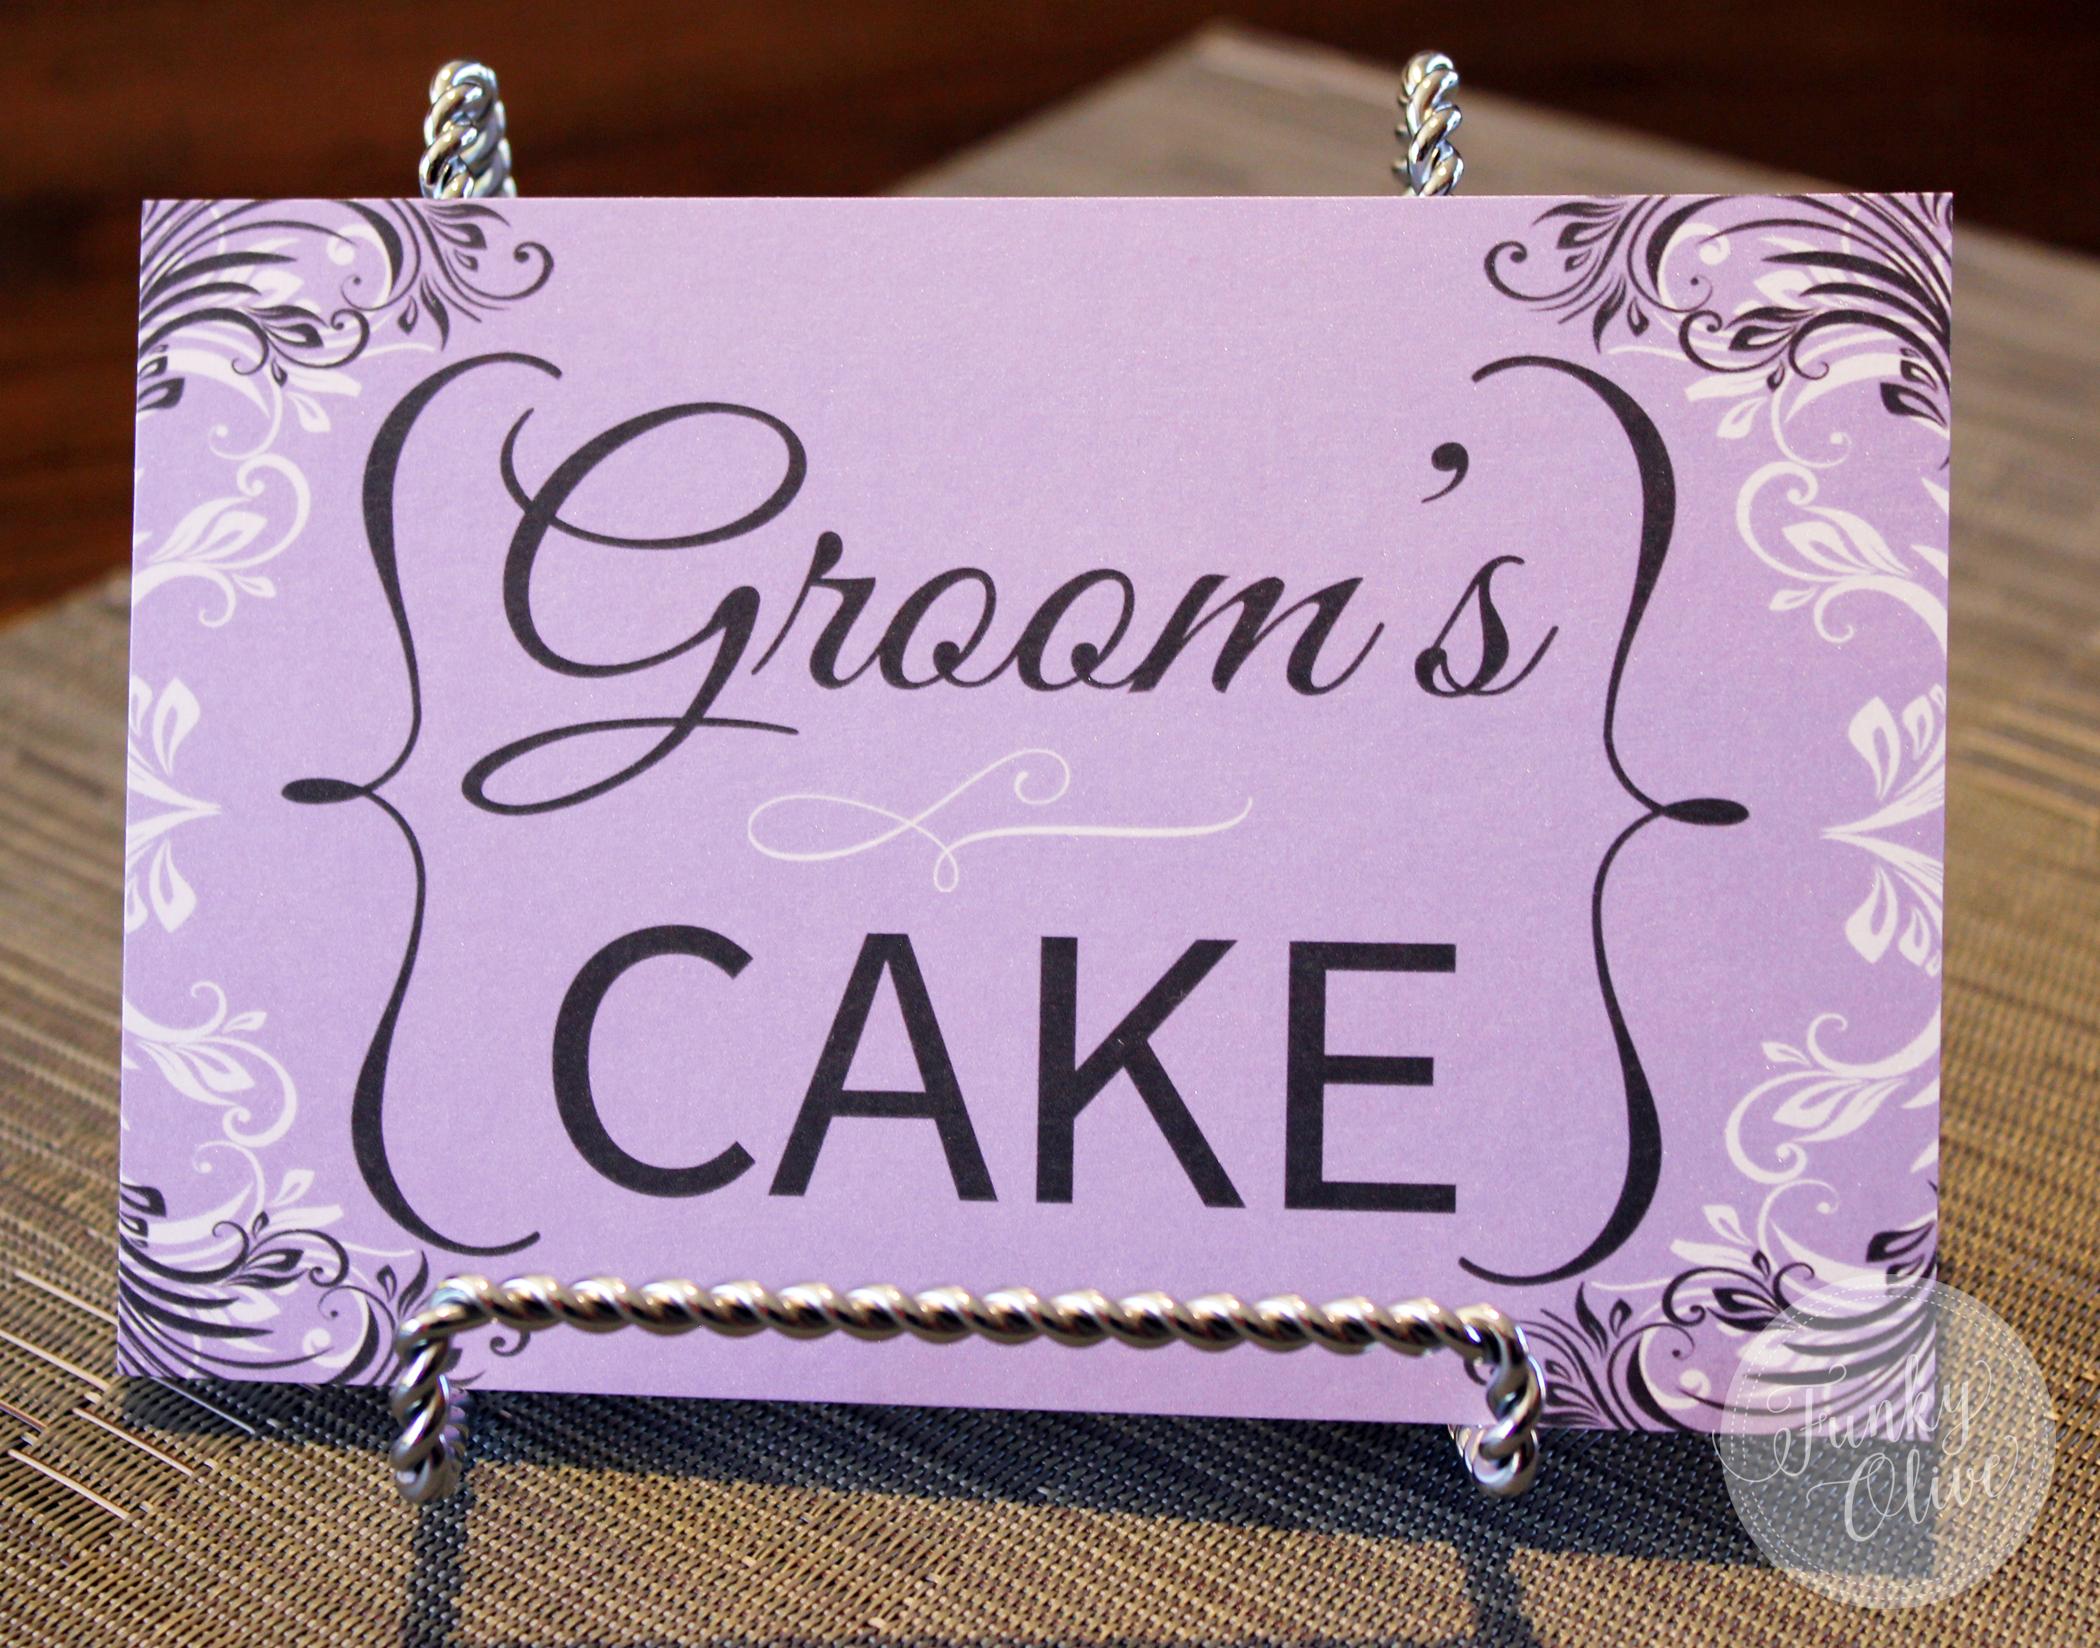 Groom's Cake Sign.jpg